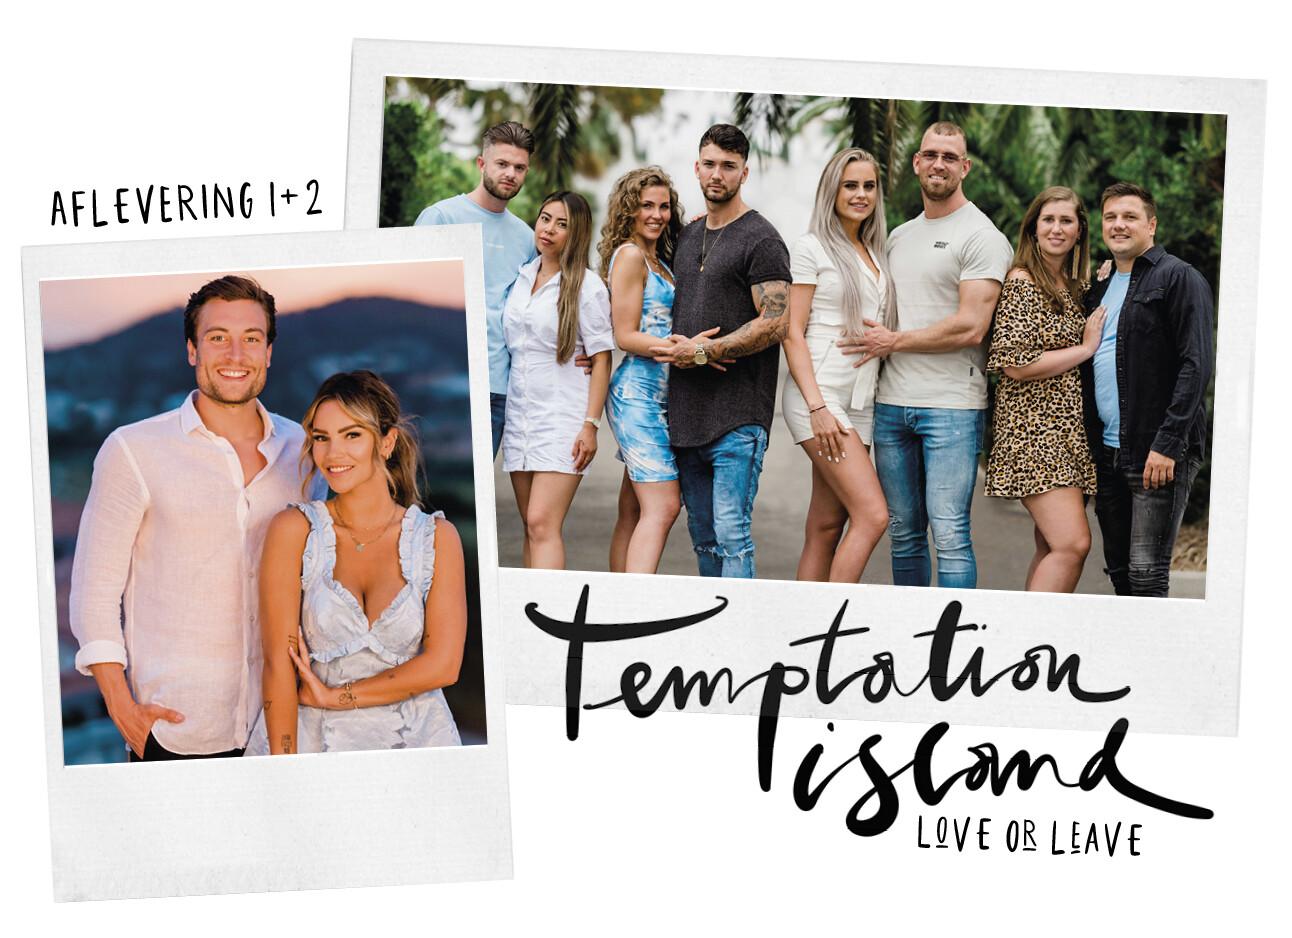 temptation island napraat aflevering 1 & 2